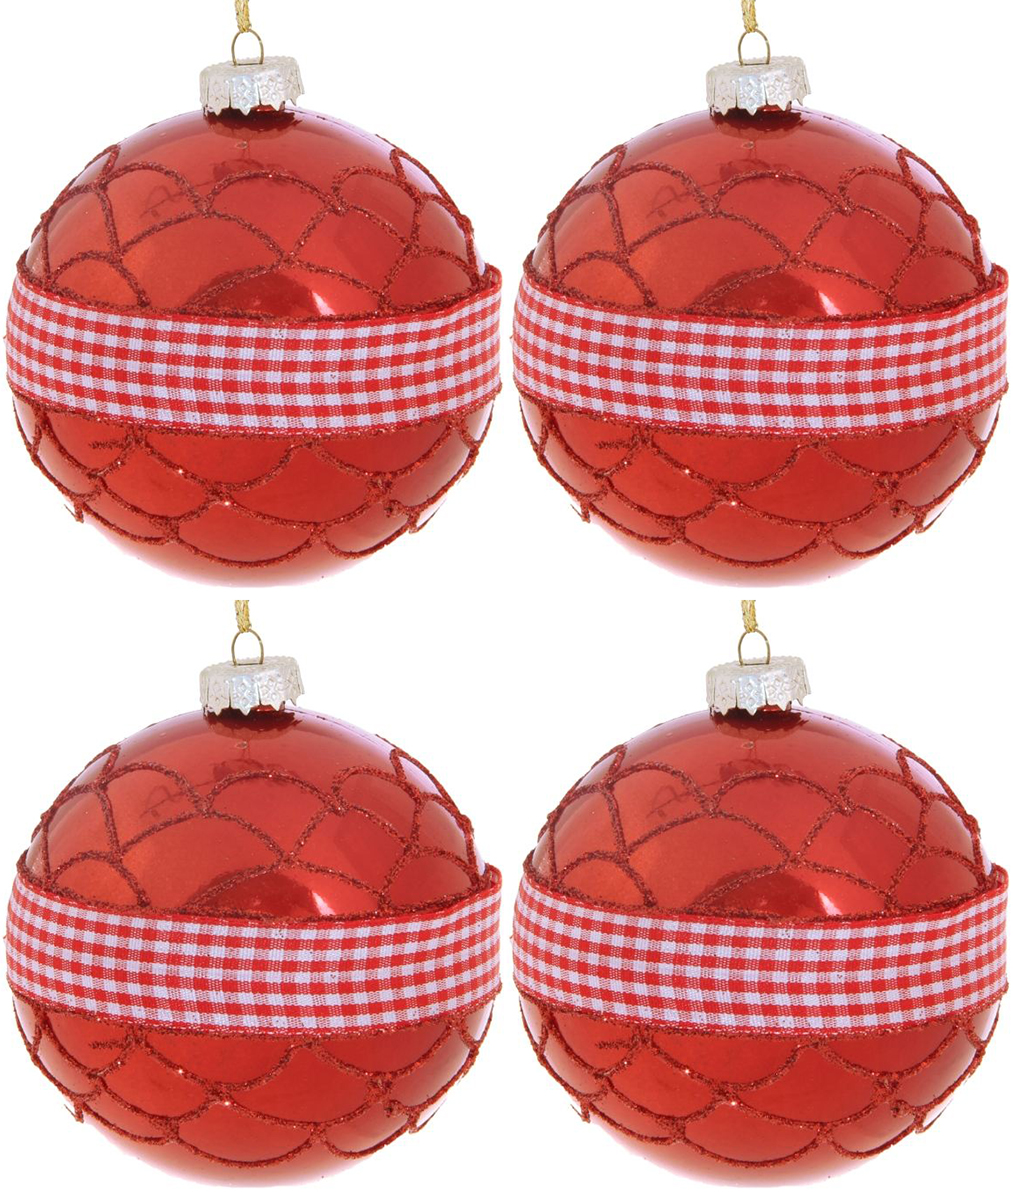 набор новогодних подвесных украшений sima land красная вставка клетка диаметр 8 см 4 шт Набор новогодних подвесных украшений Sima-land Красная вставка. Клетка, диаметр 8 см, 4 шт